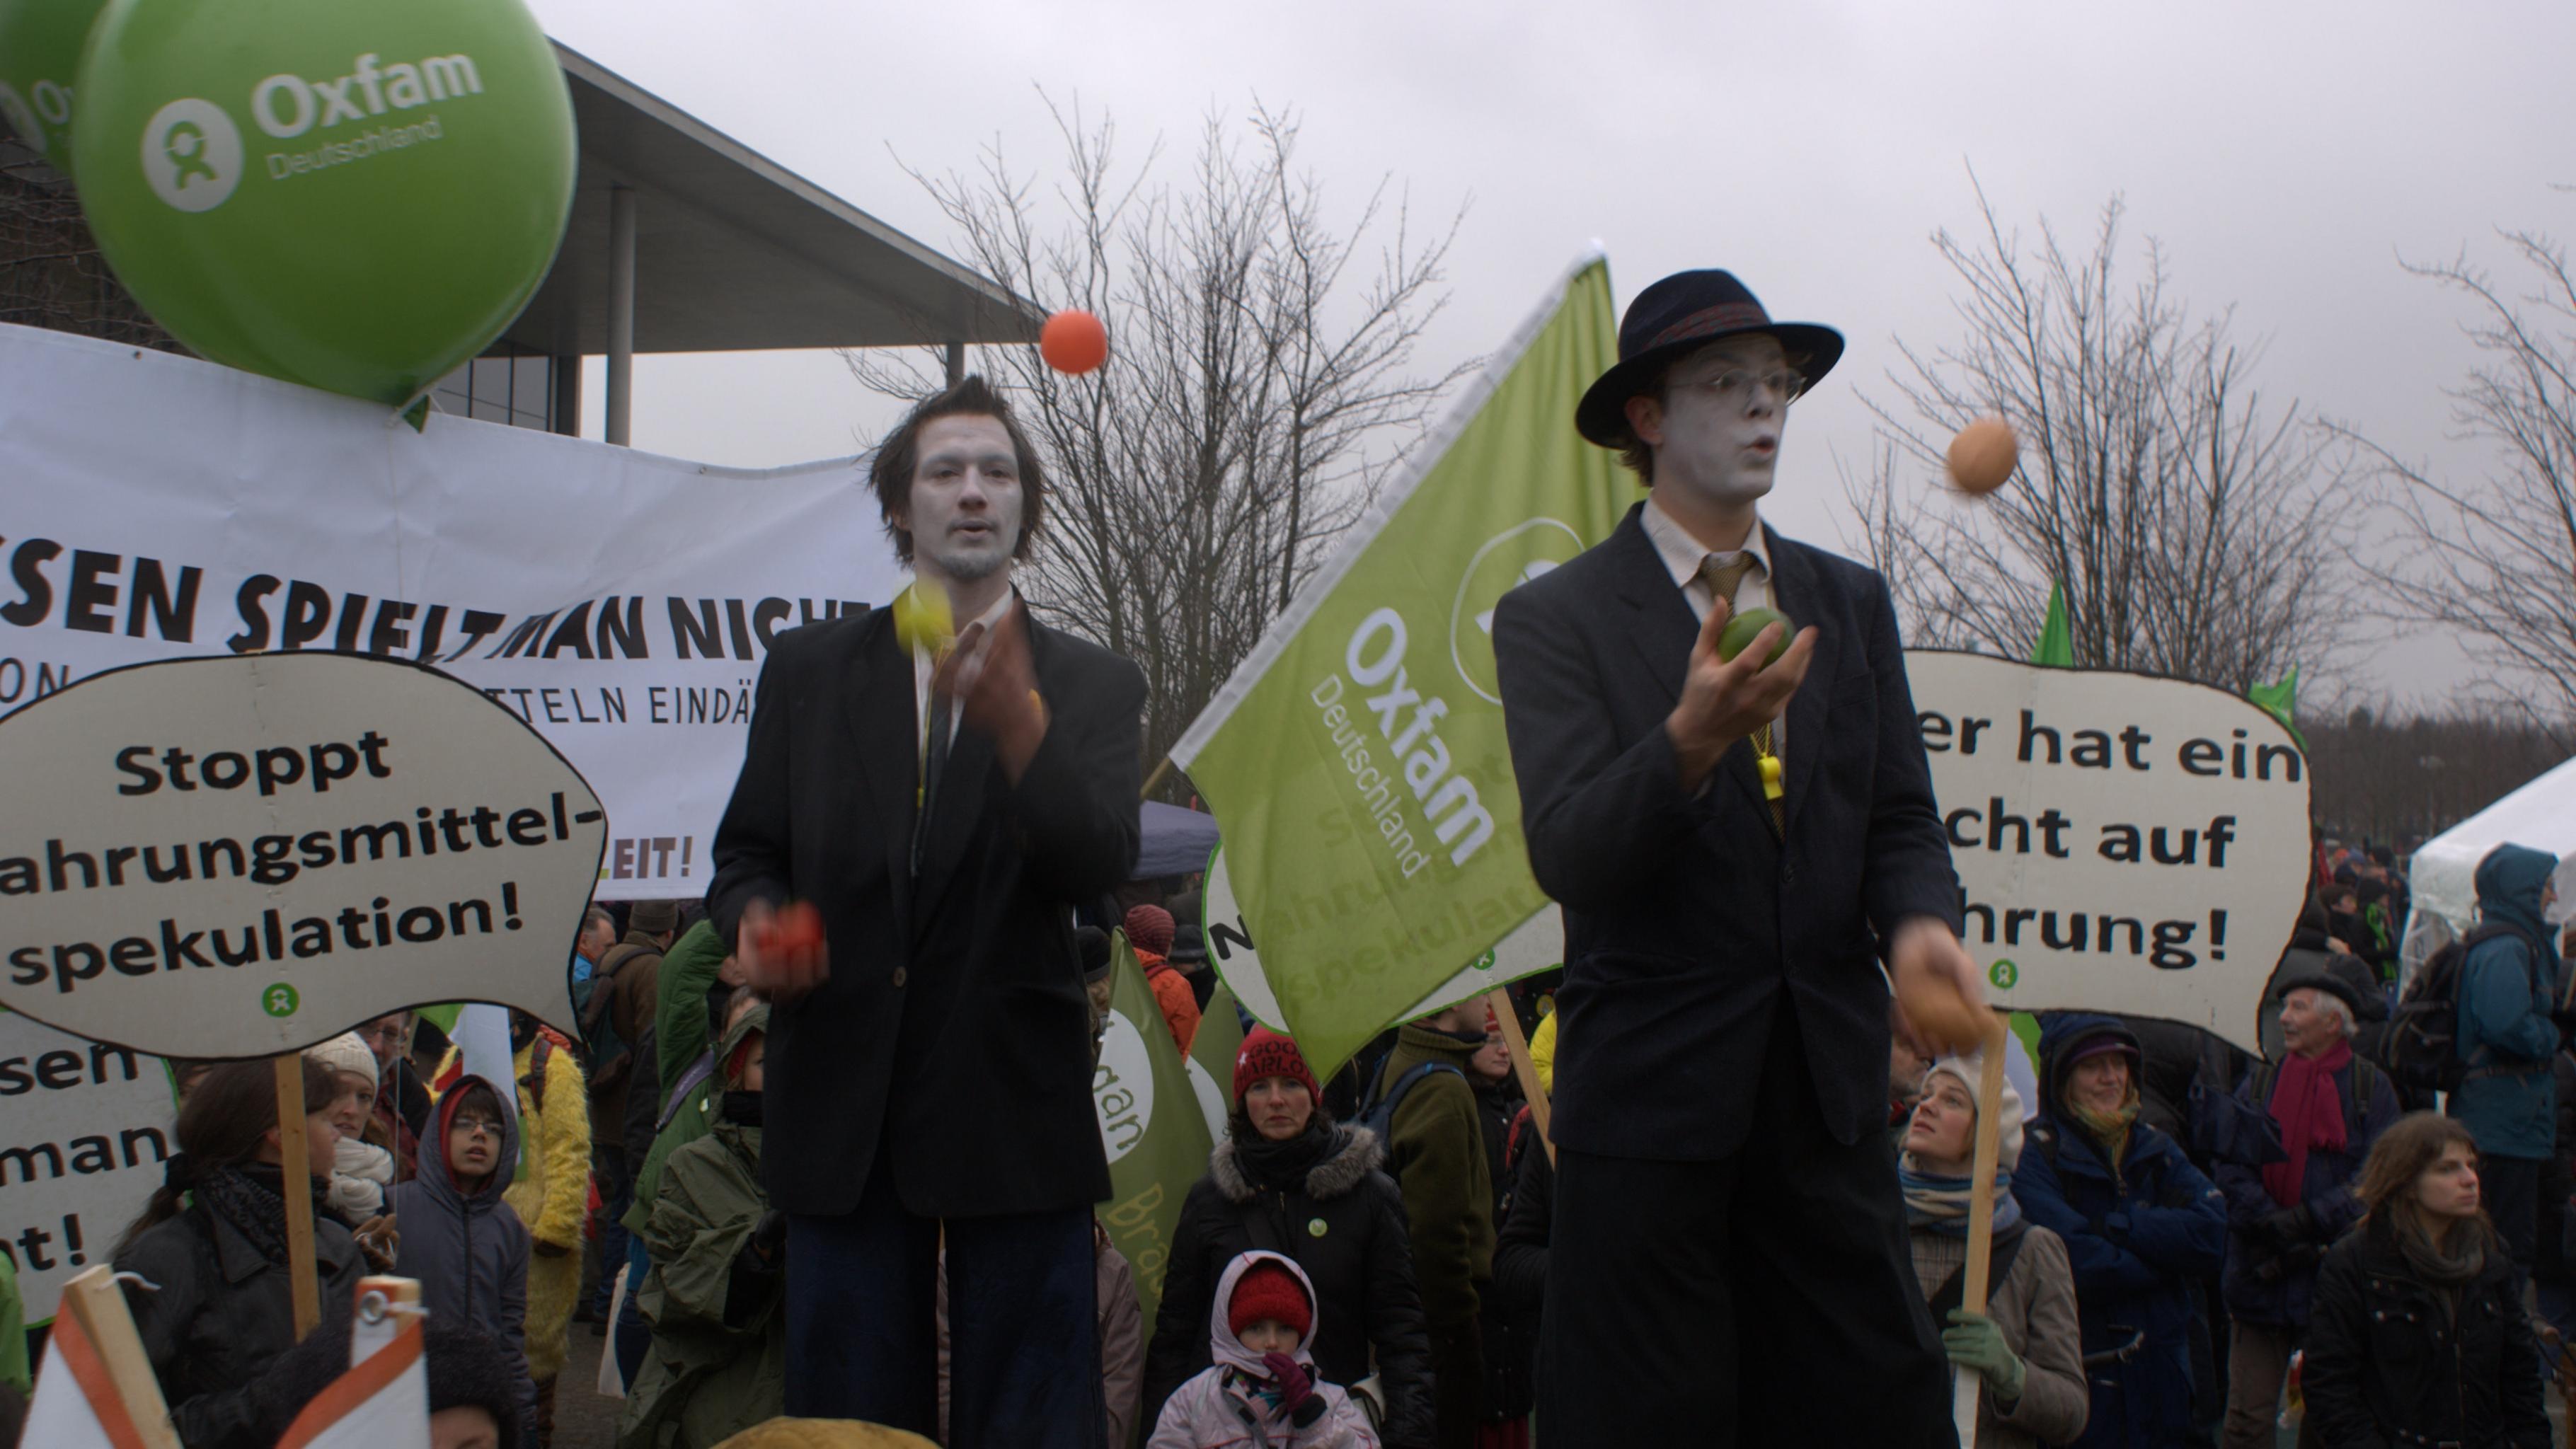 Foto: Oxfam mit Riesenballons und Fahnen mitten im Demonstrationszug